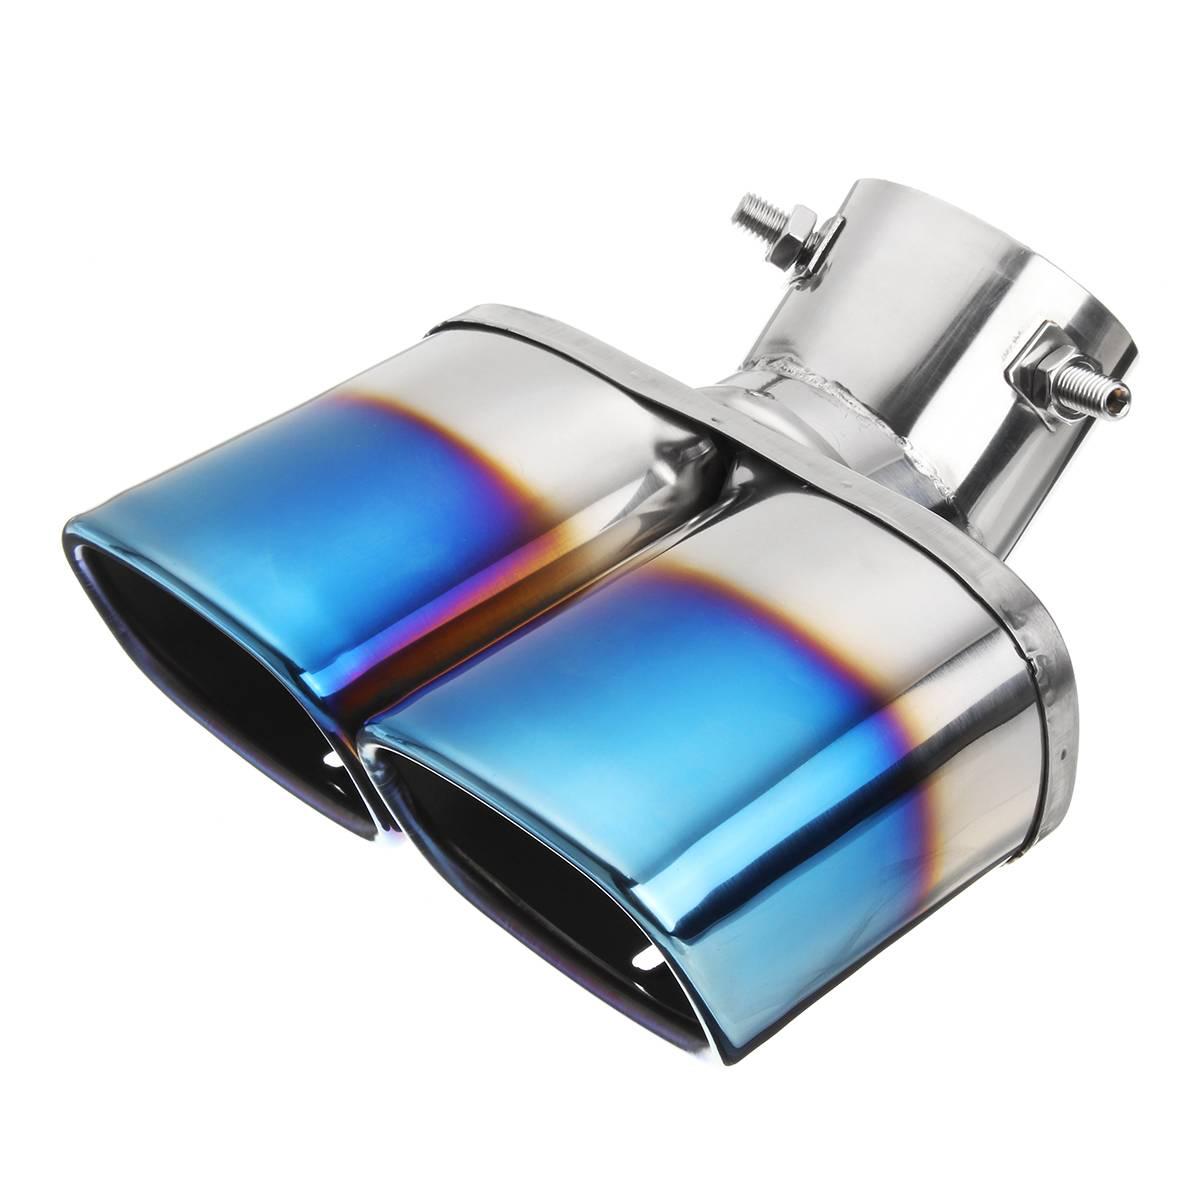 Universal praça dupla tomada meio-grelhado azul silenciador